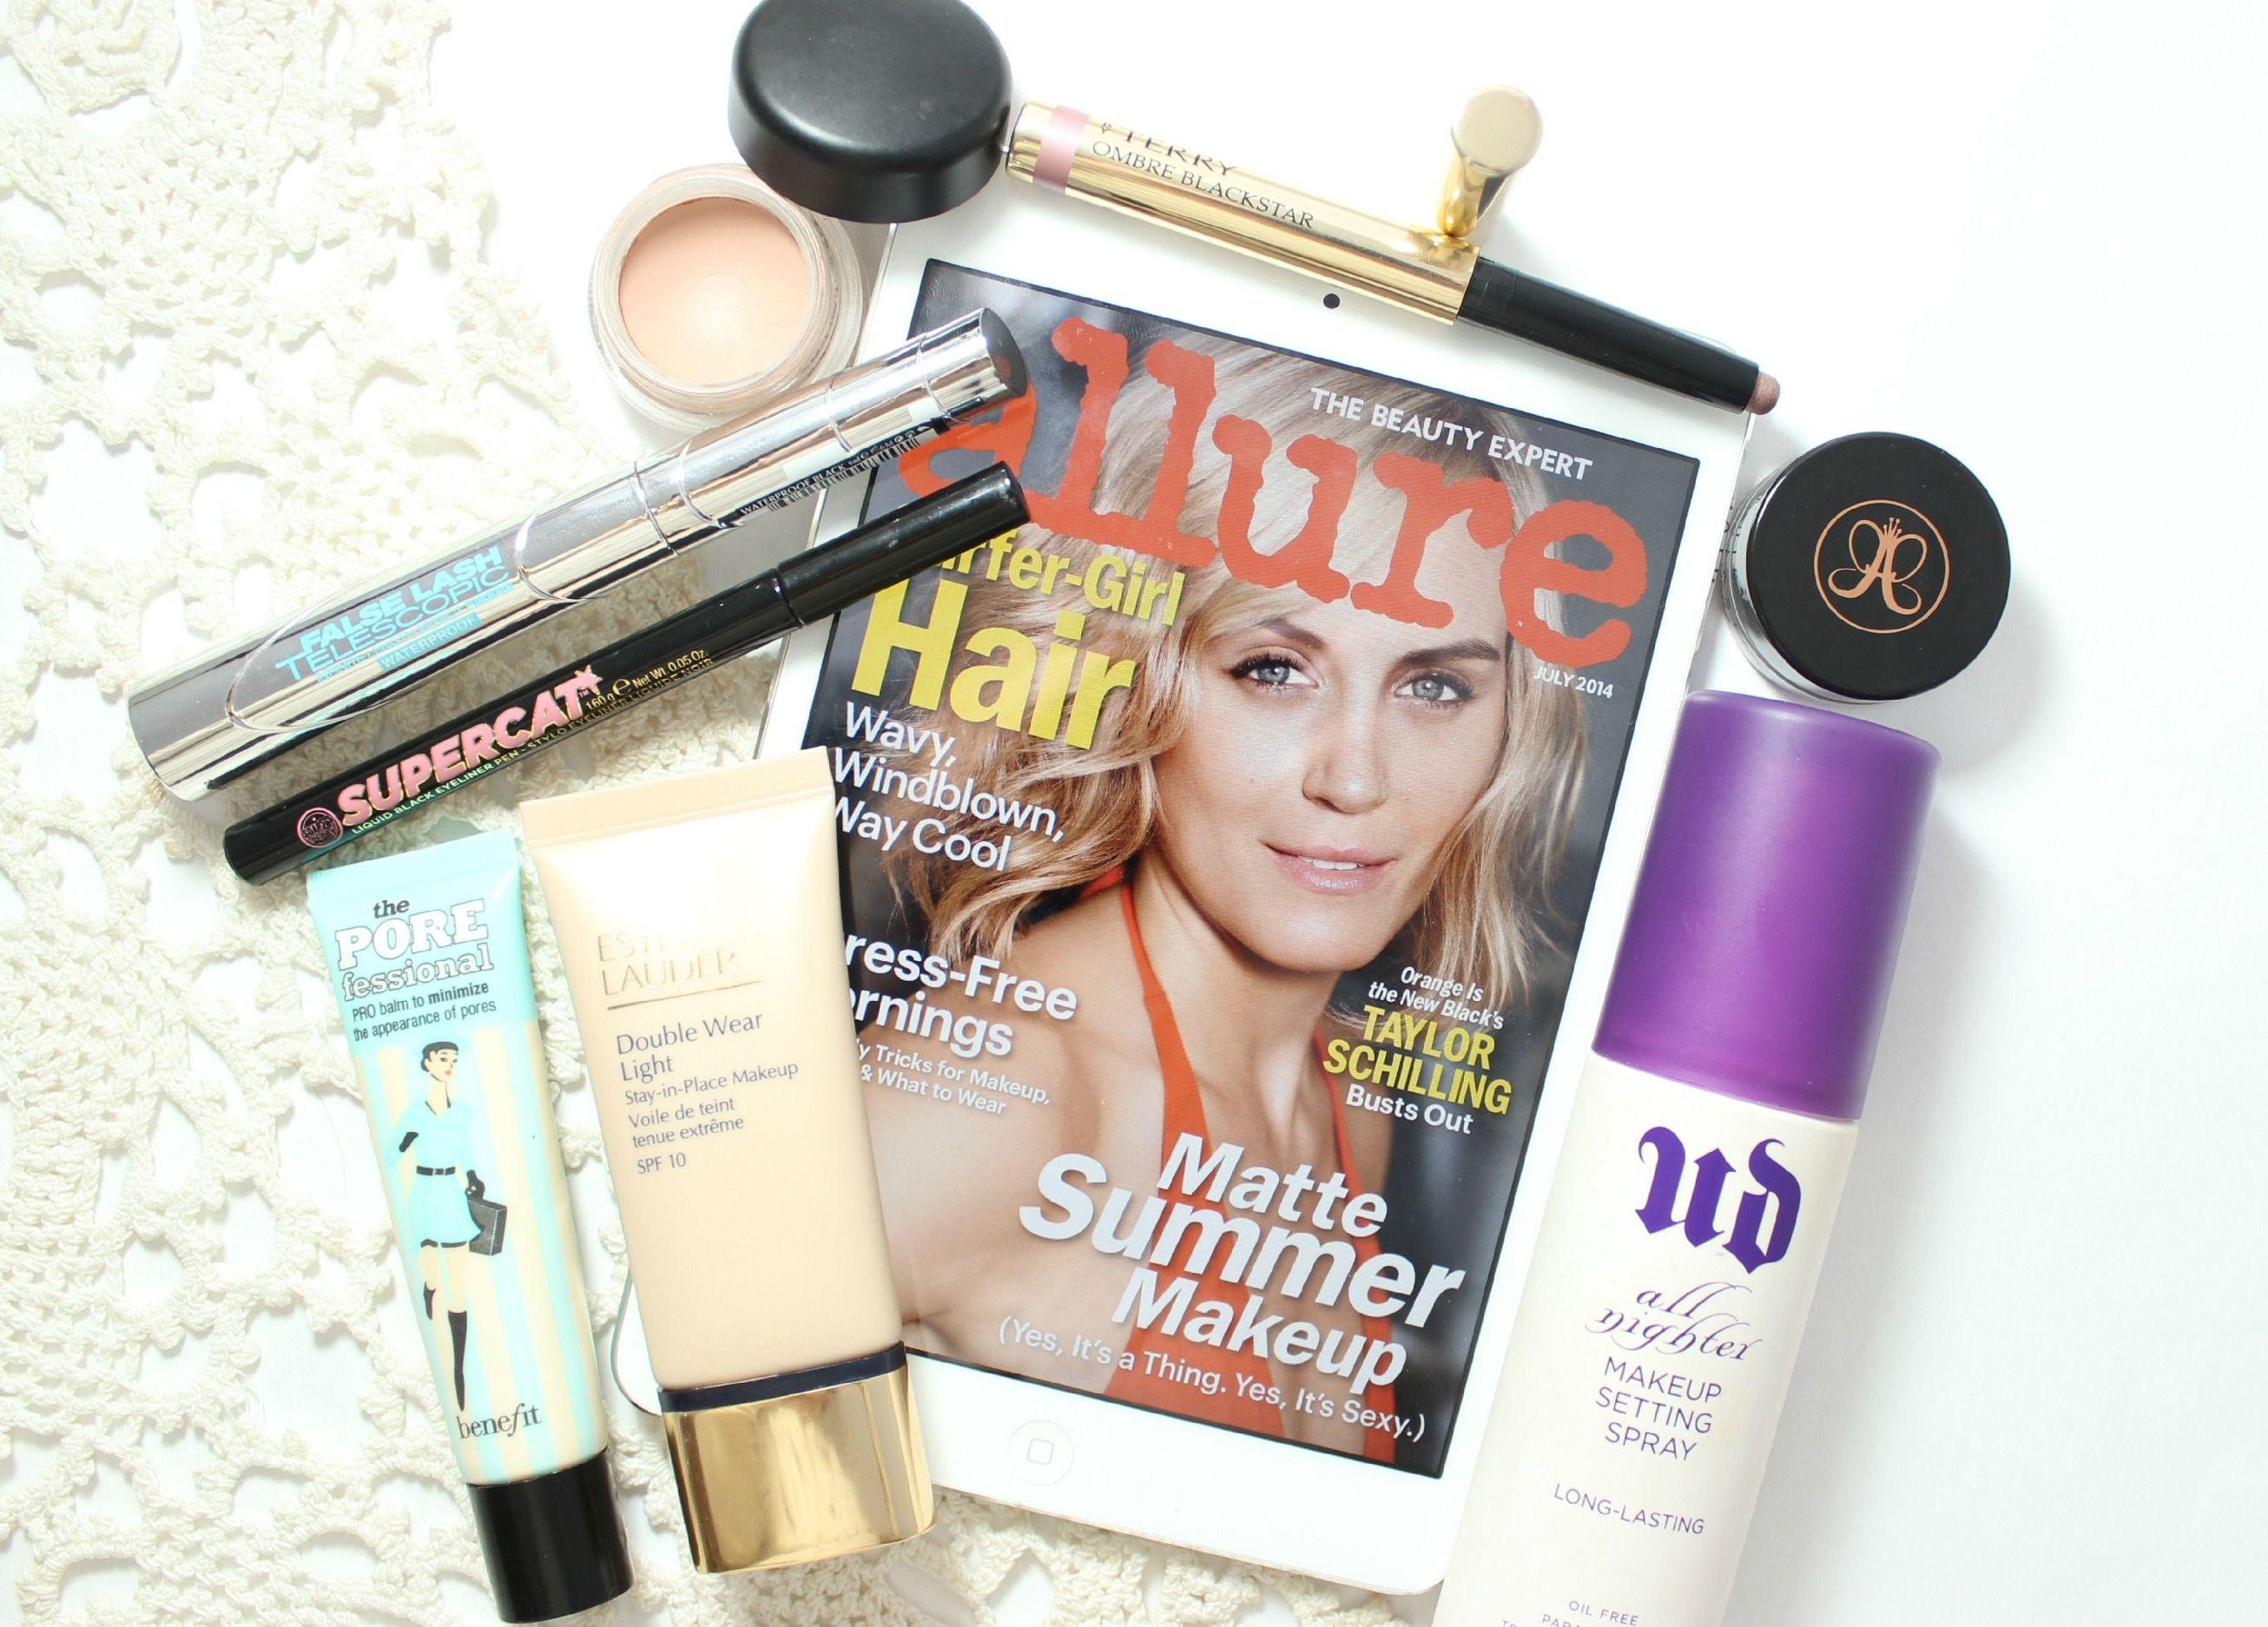 Preventing make-up meltdown